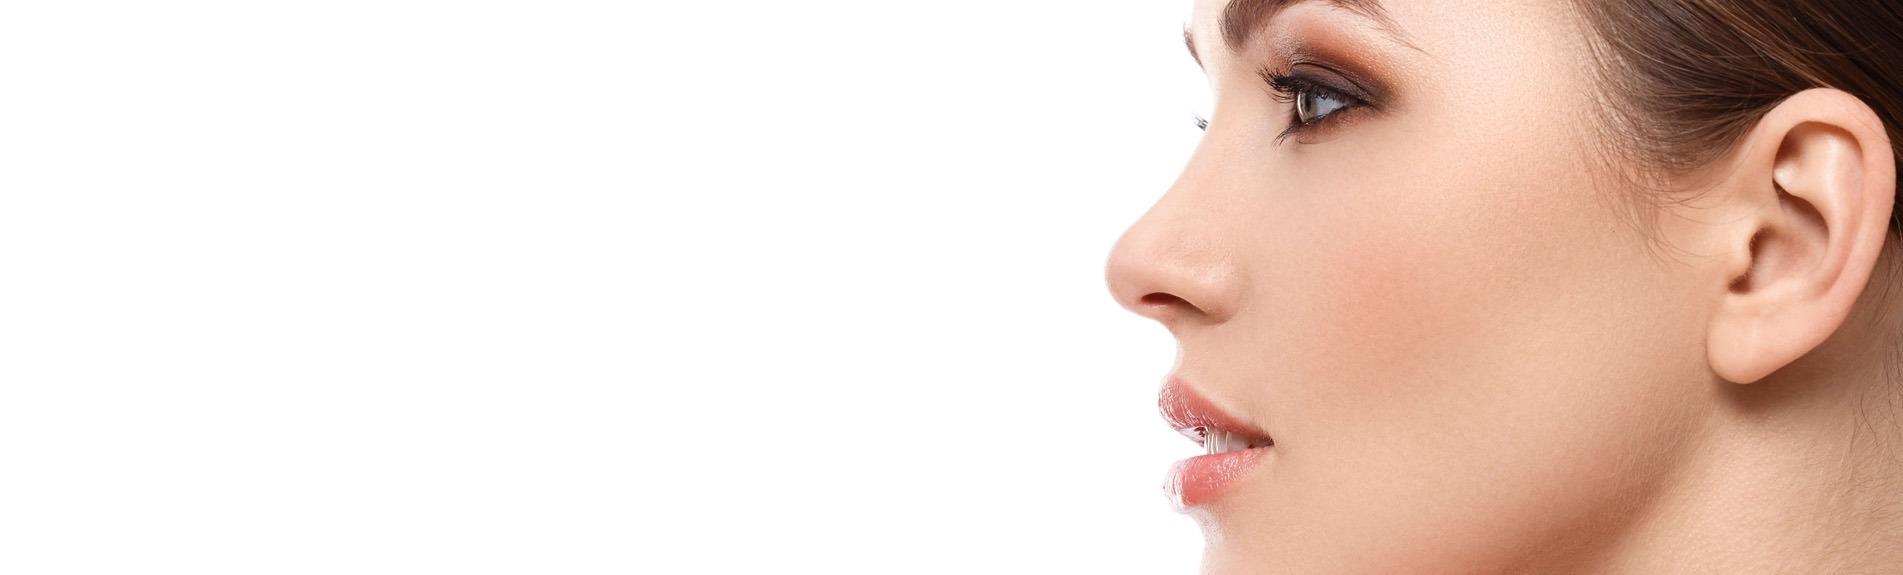 Жировые отложения в области щек